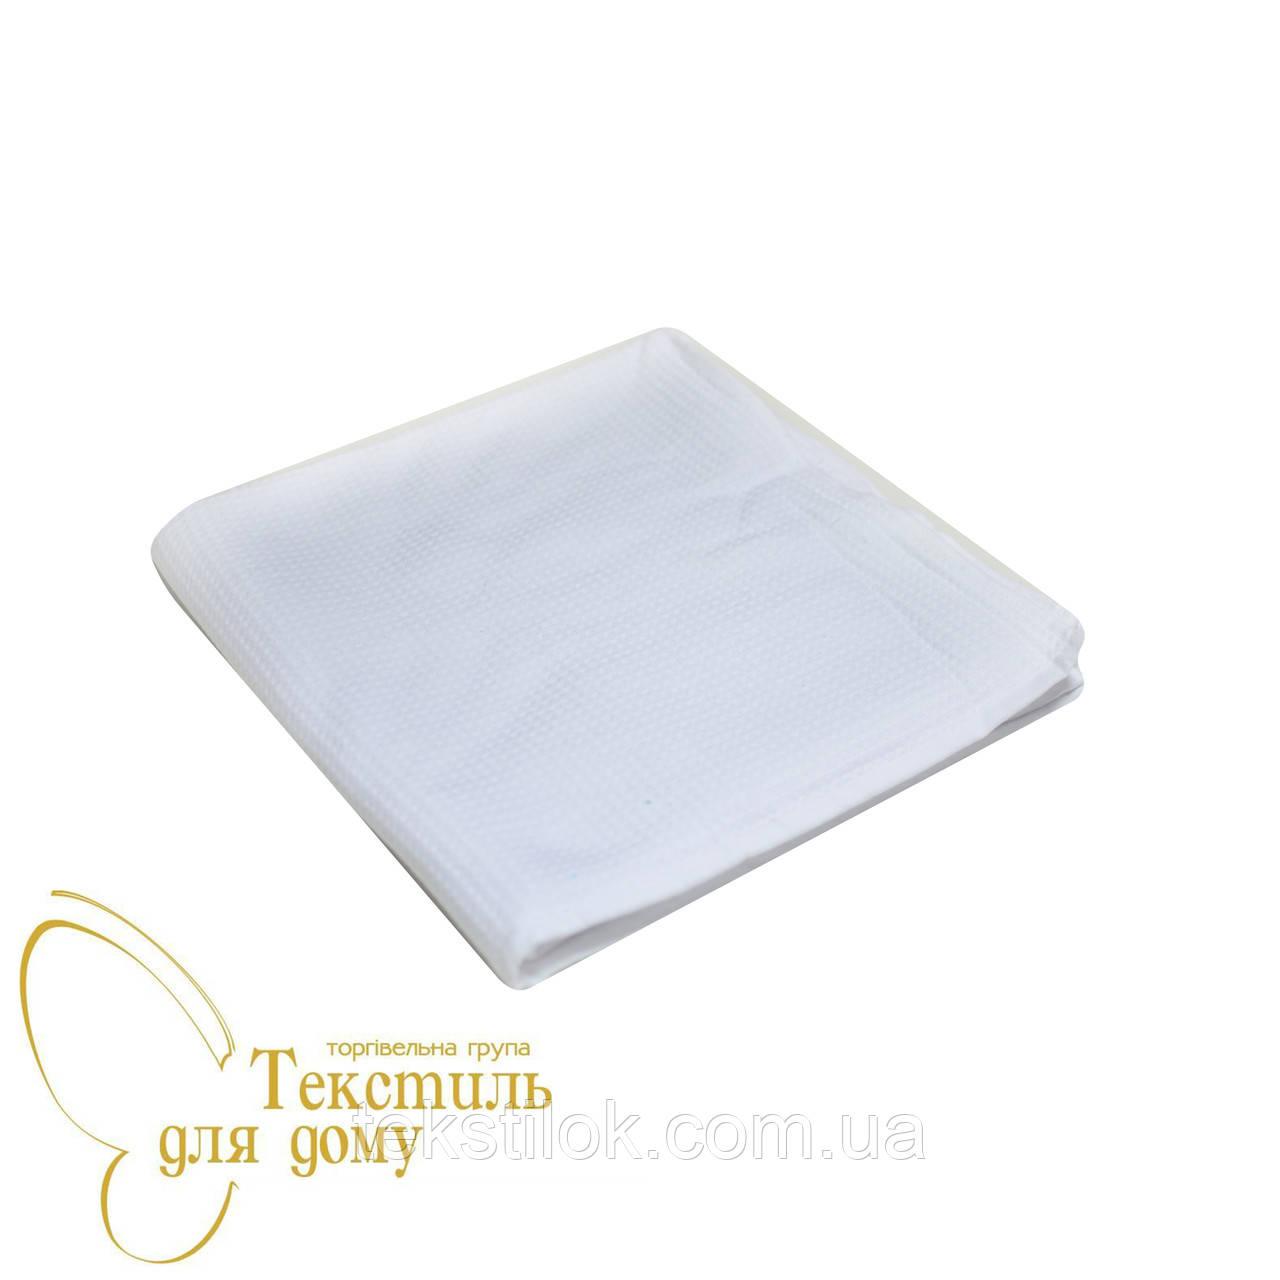 Полотенце банное 70*140, вафельное/махра, белый